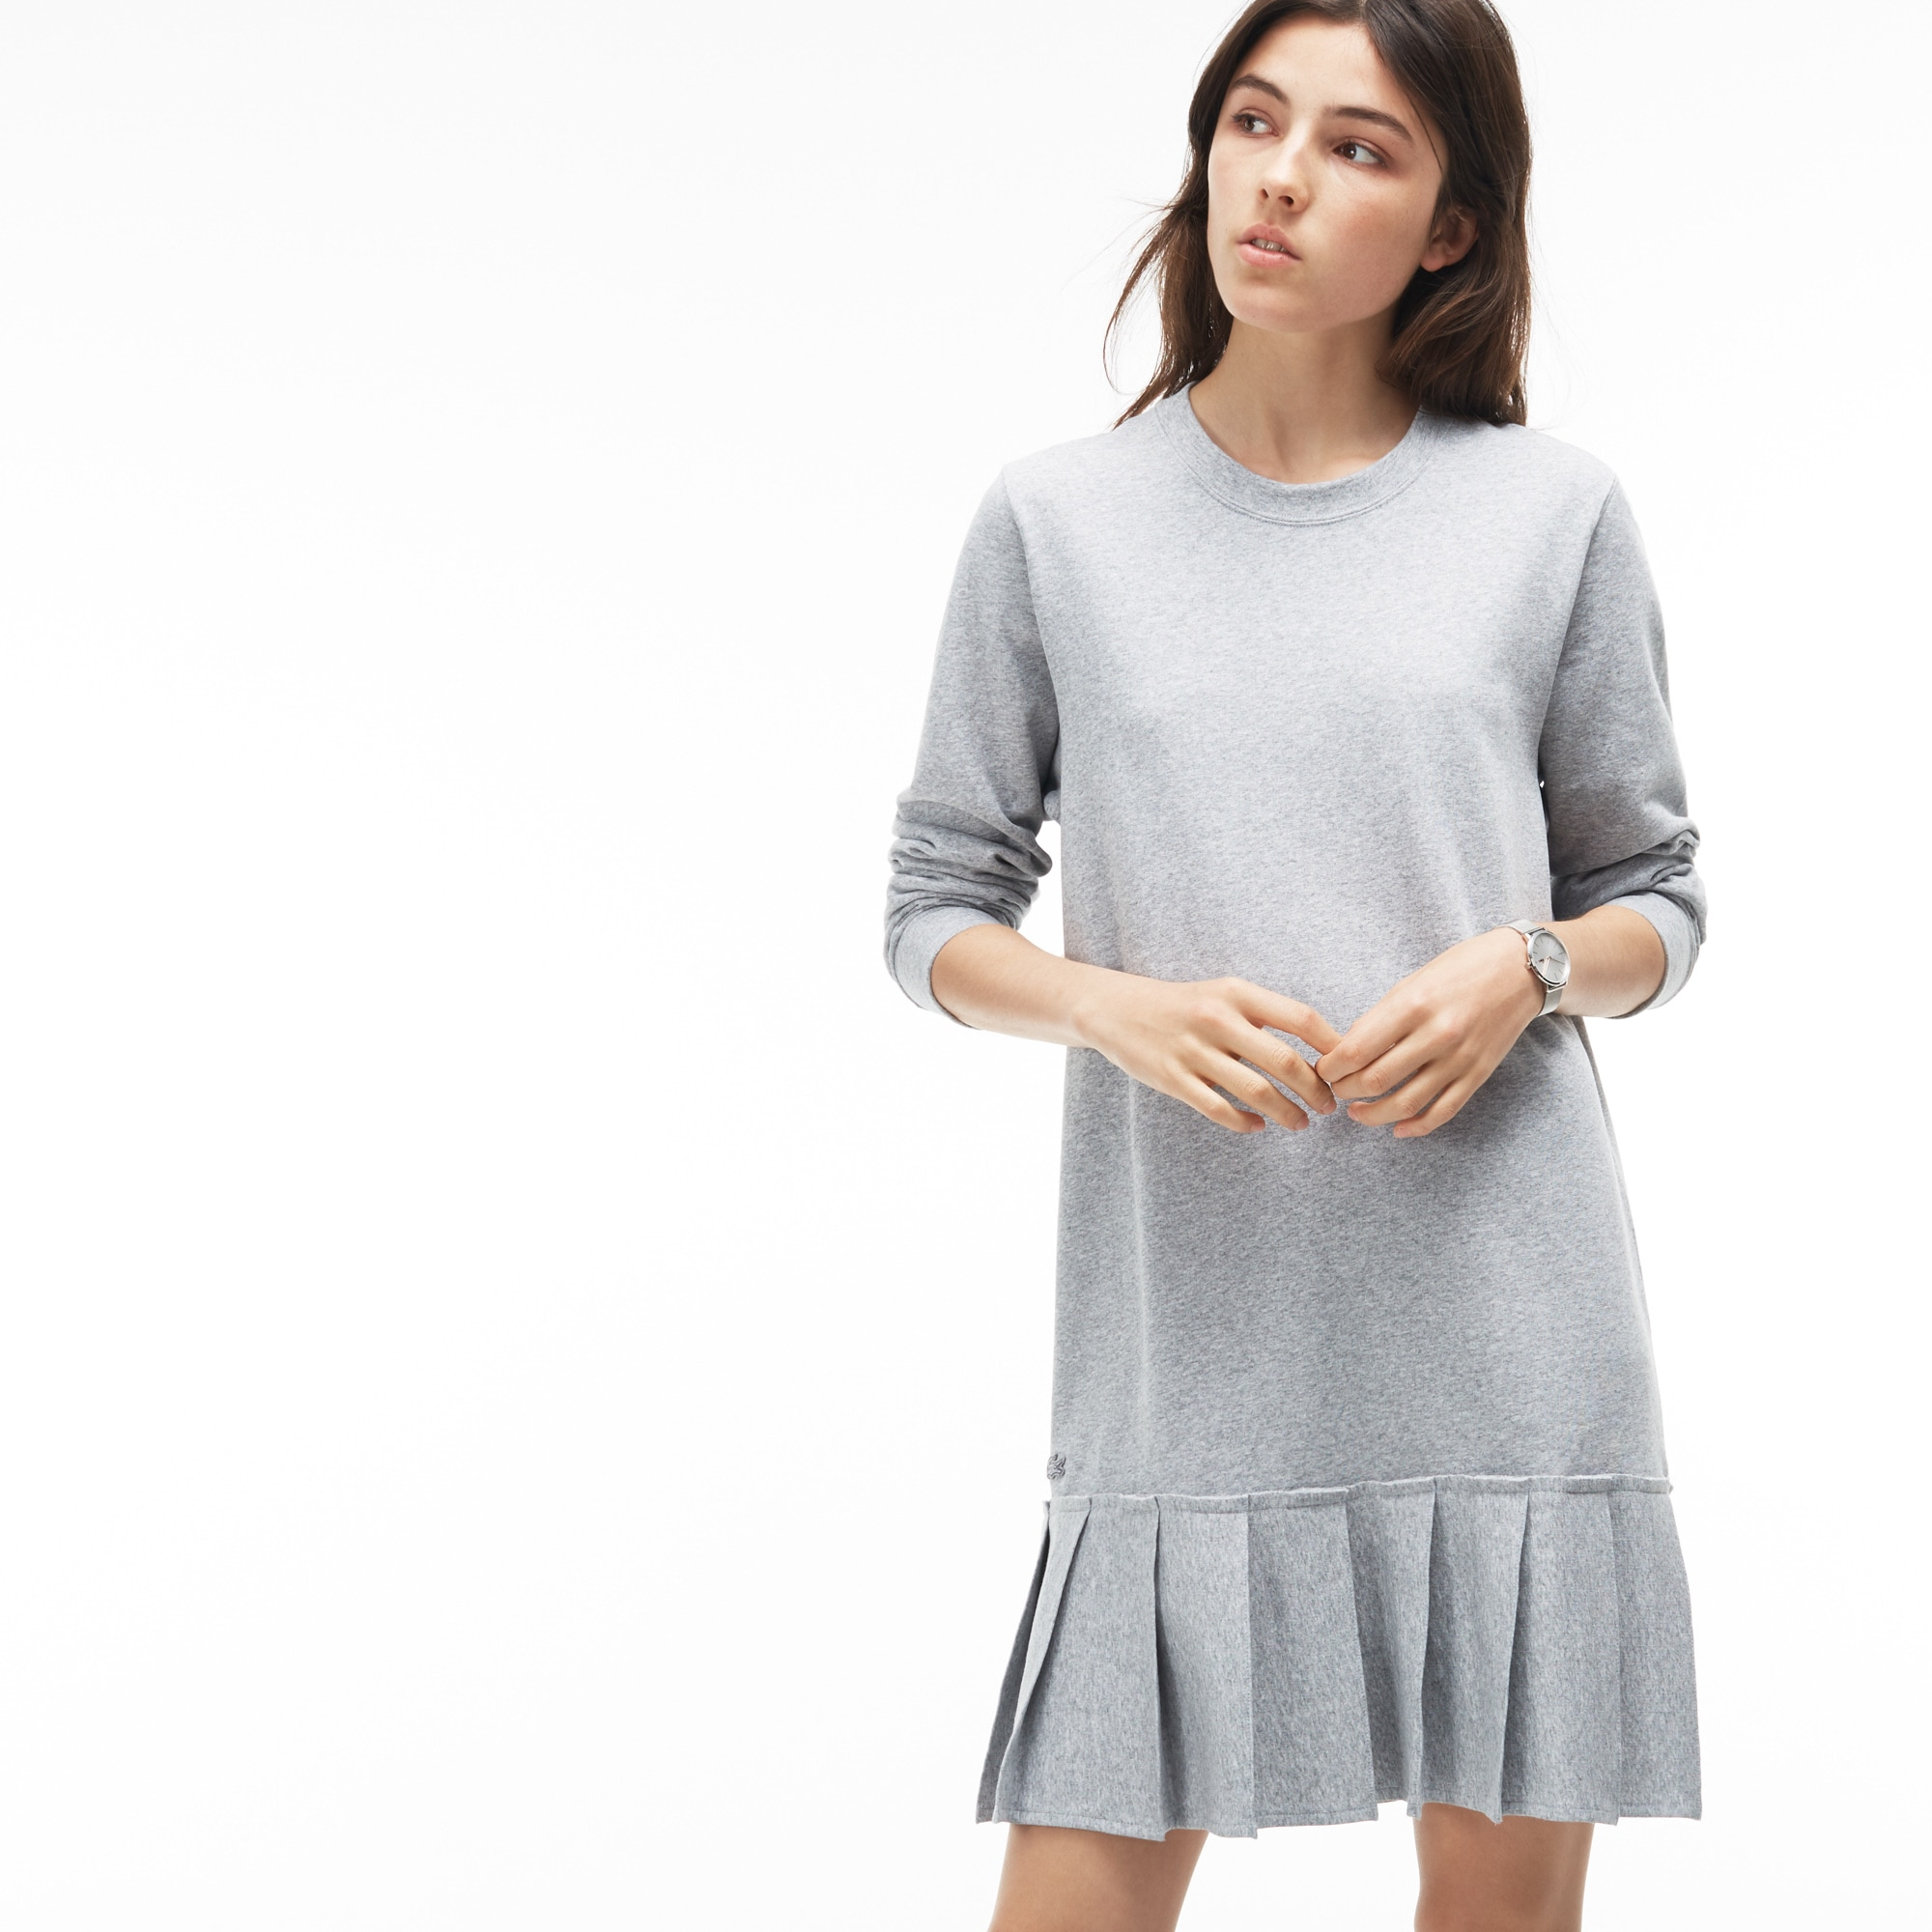 Women's Pleated Fleece Sweatshirt Dress